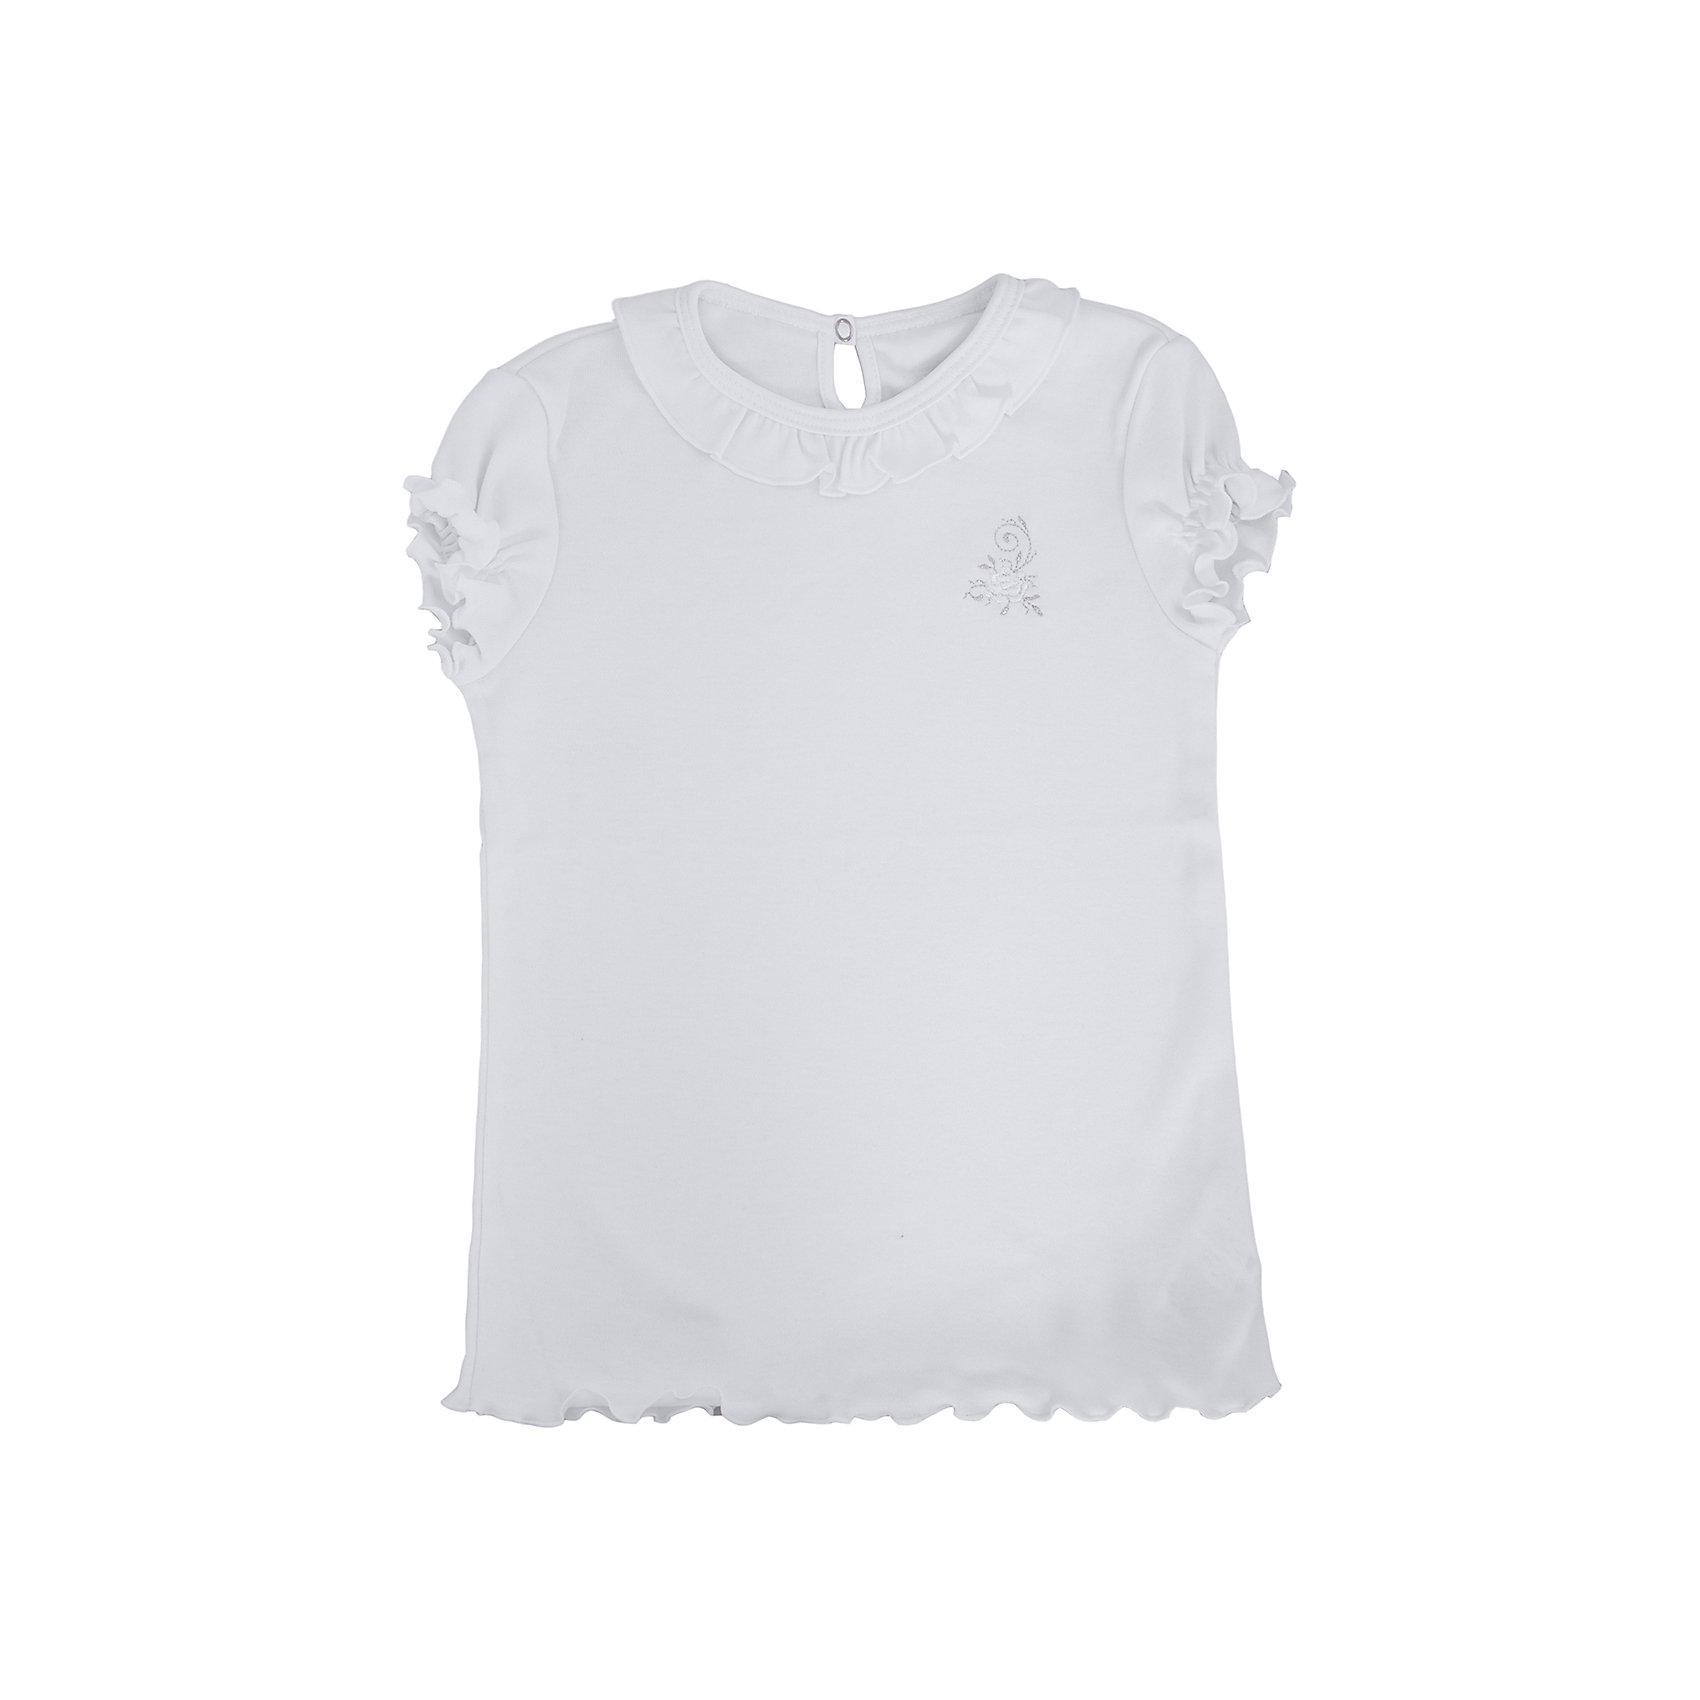 Футболка с длинным рукавом для девочки Белый снегБлузки и рубашки<br>Футболка с длинным рукавом для девочки от российской марки Белый снег.<br>Состав:<br>100%хлопок<br><br>Ширина мм: 230<br>Глубина мм: 40<br>Высота мм: 220<br>Вес г: 250<br>Цвет: белый<br>Возраст от месяцев: 84<br>Возраст до месяцев: 96<br>Пол: Женский<br>Возраст: Детский<br>Размер: 110/116,98/104,122/128,134,140/146,152,158<br>SKU: 4800889